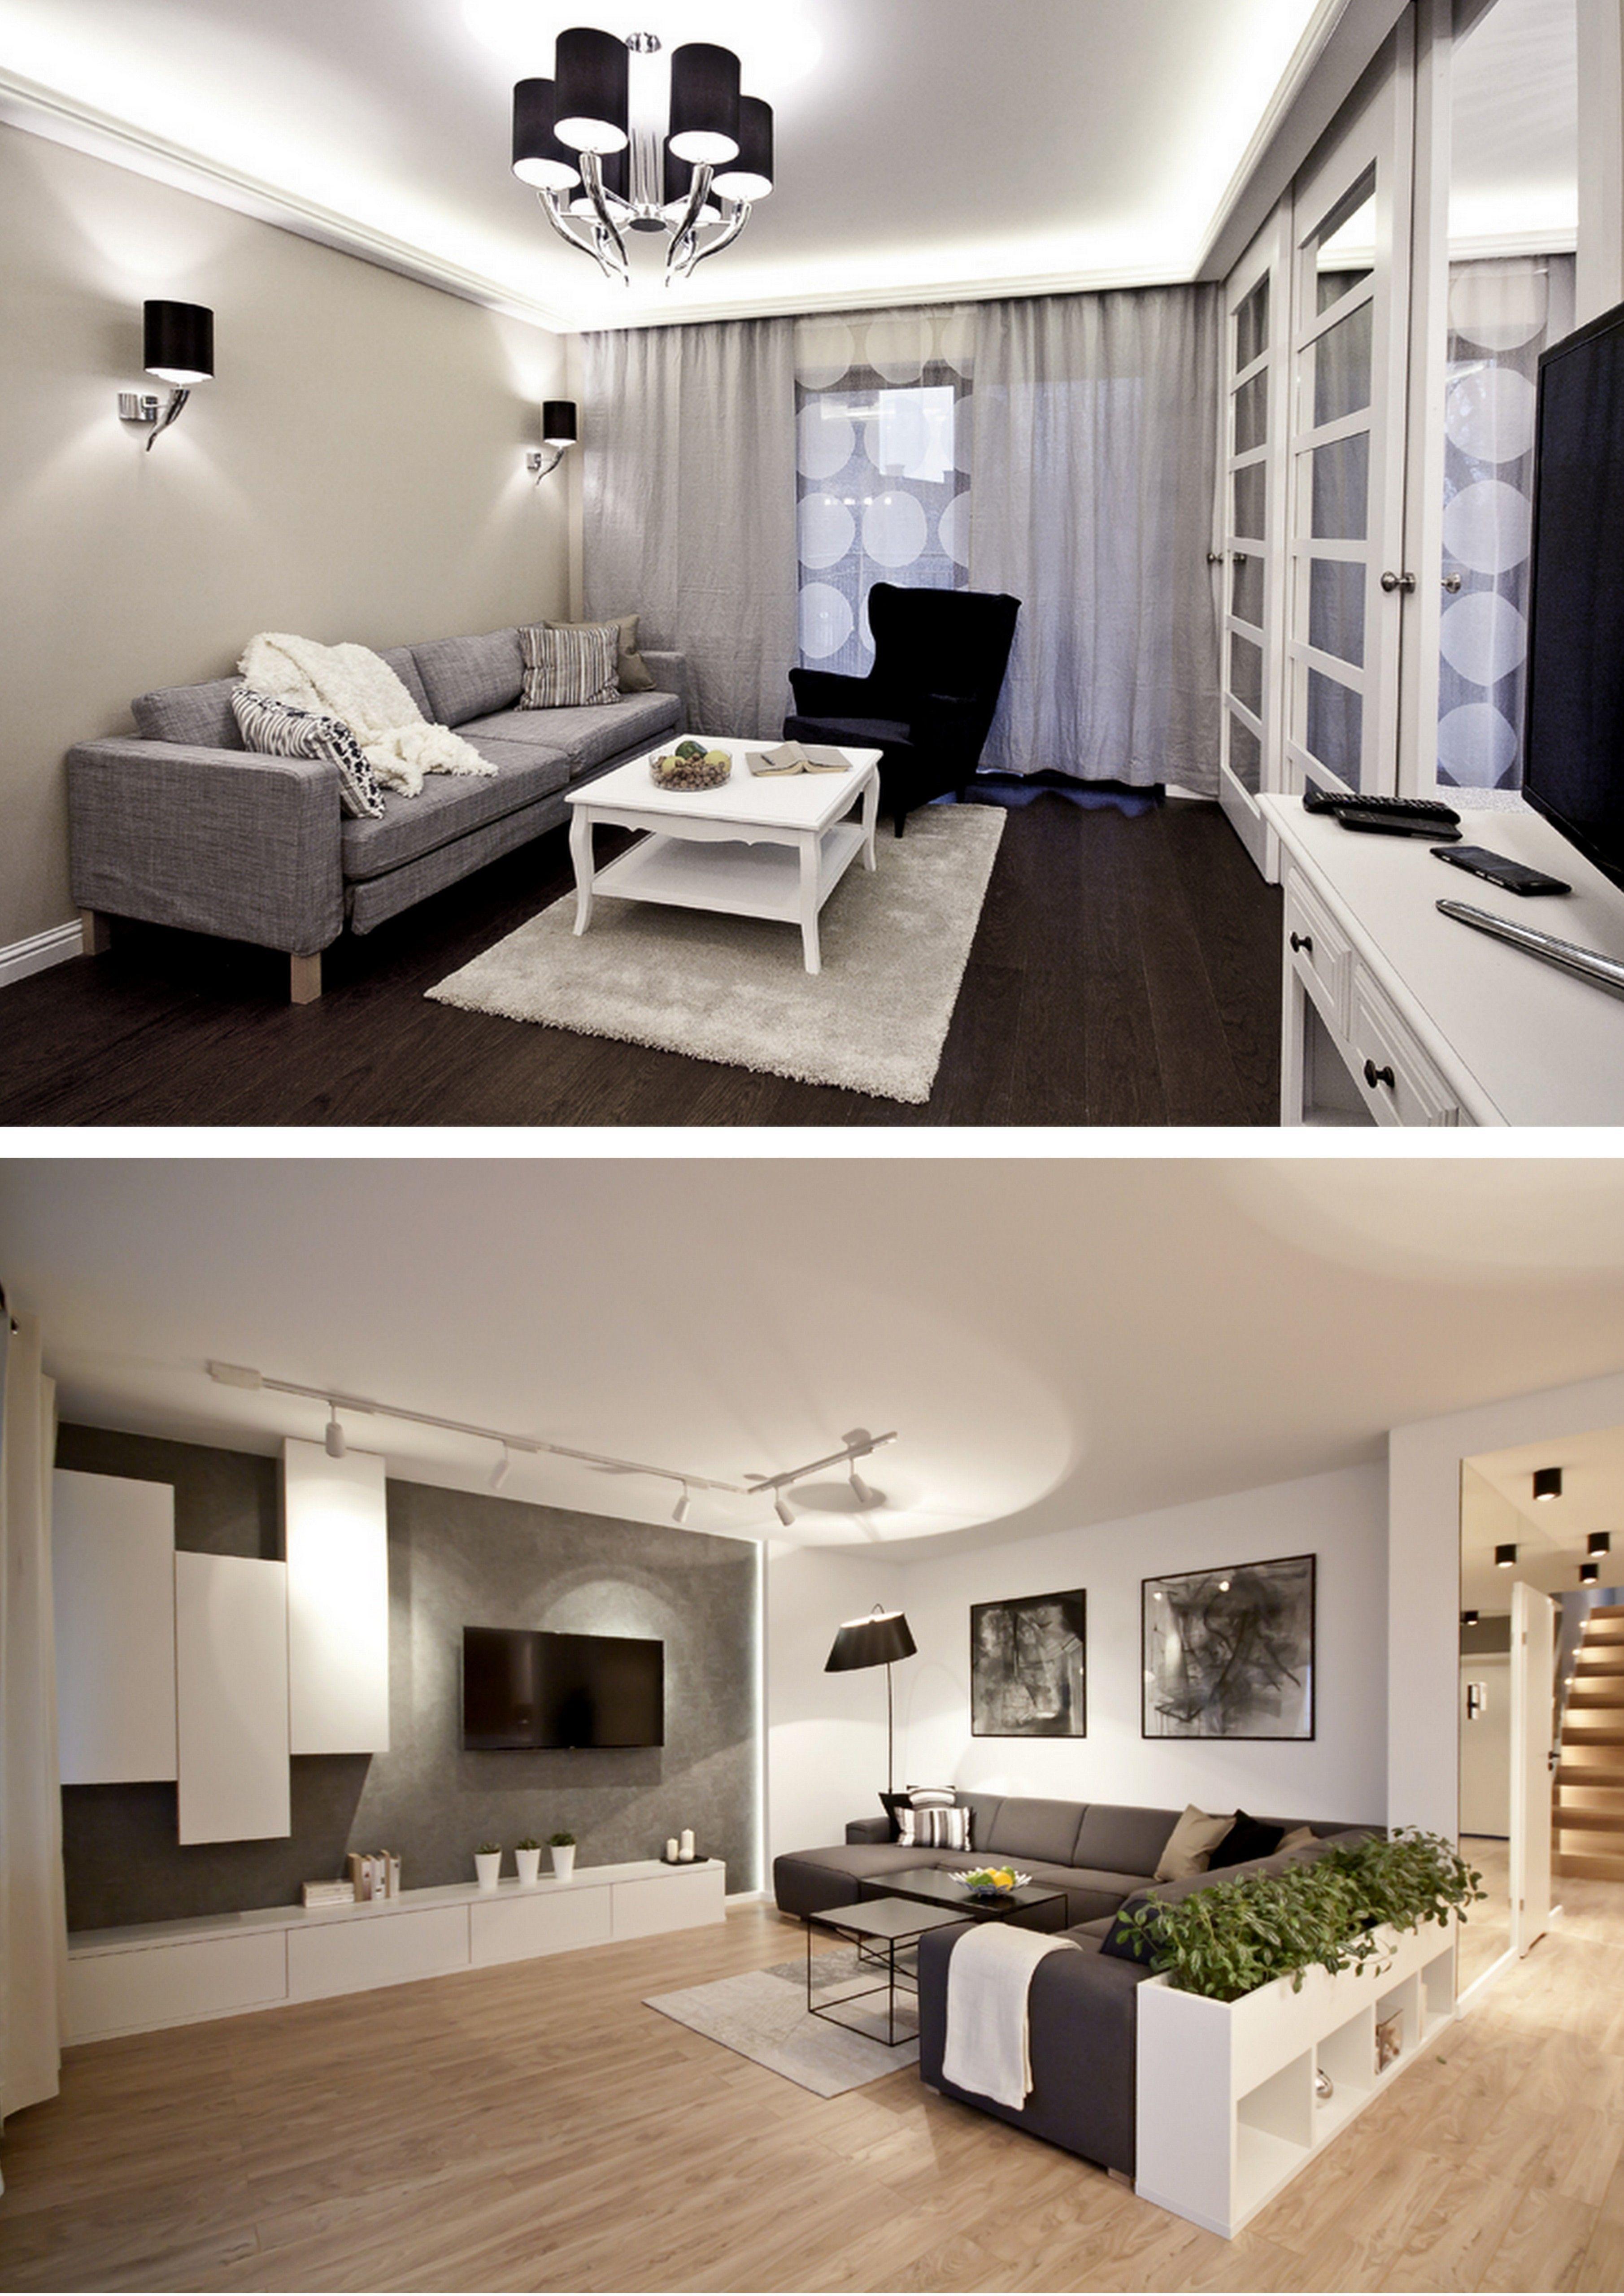 Eklektyzm Czy Nowoczesny Minimalizm Kt R Z Naszych Realizacji  # Muebles New Style Villa Tesei